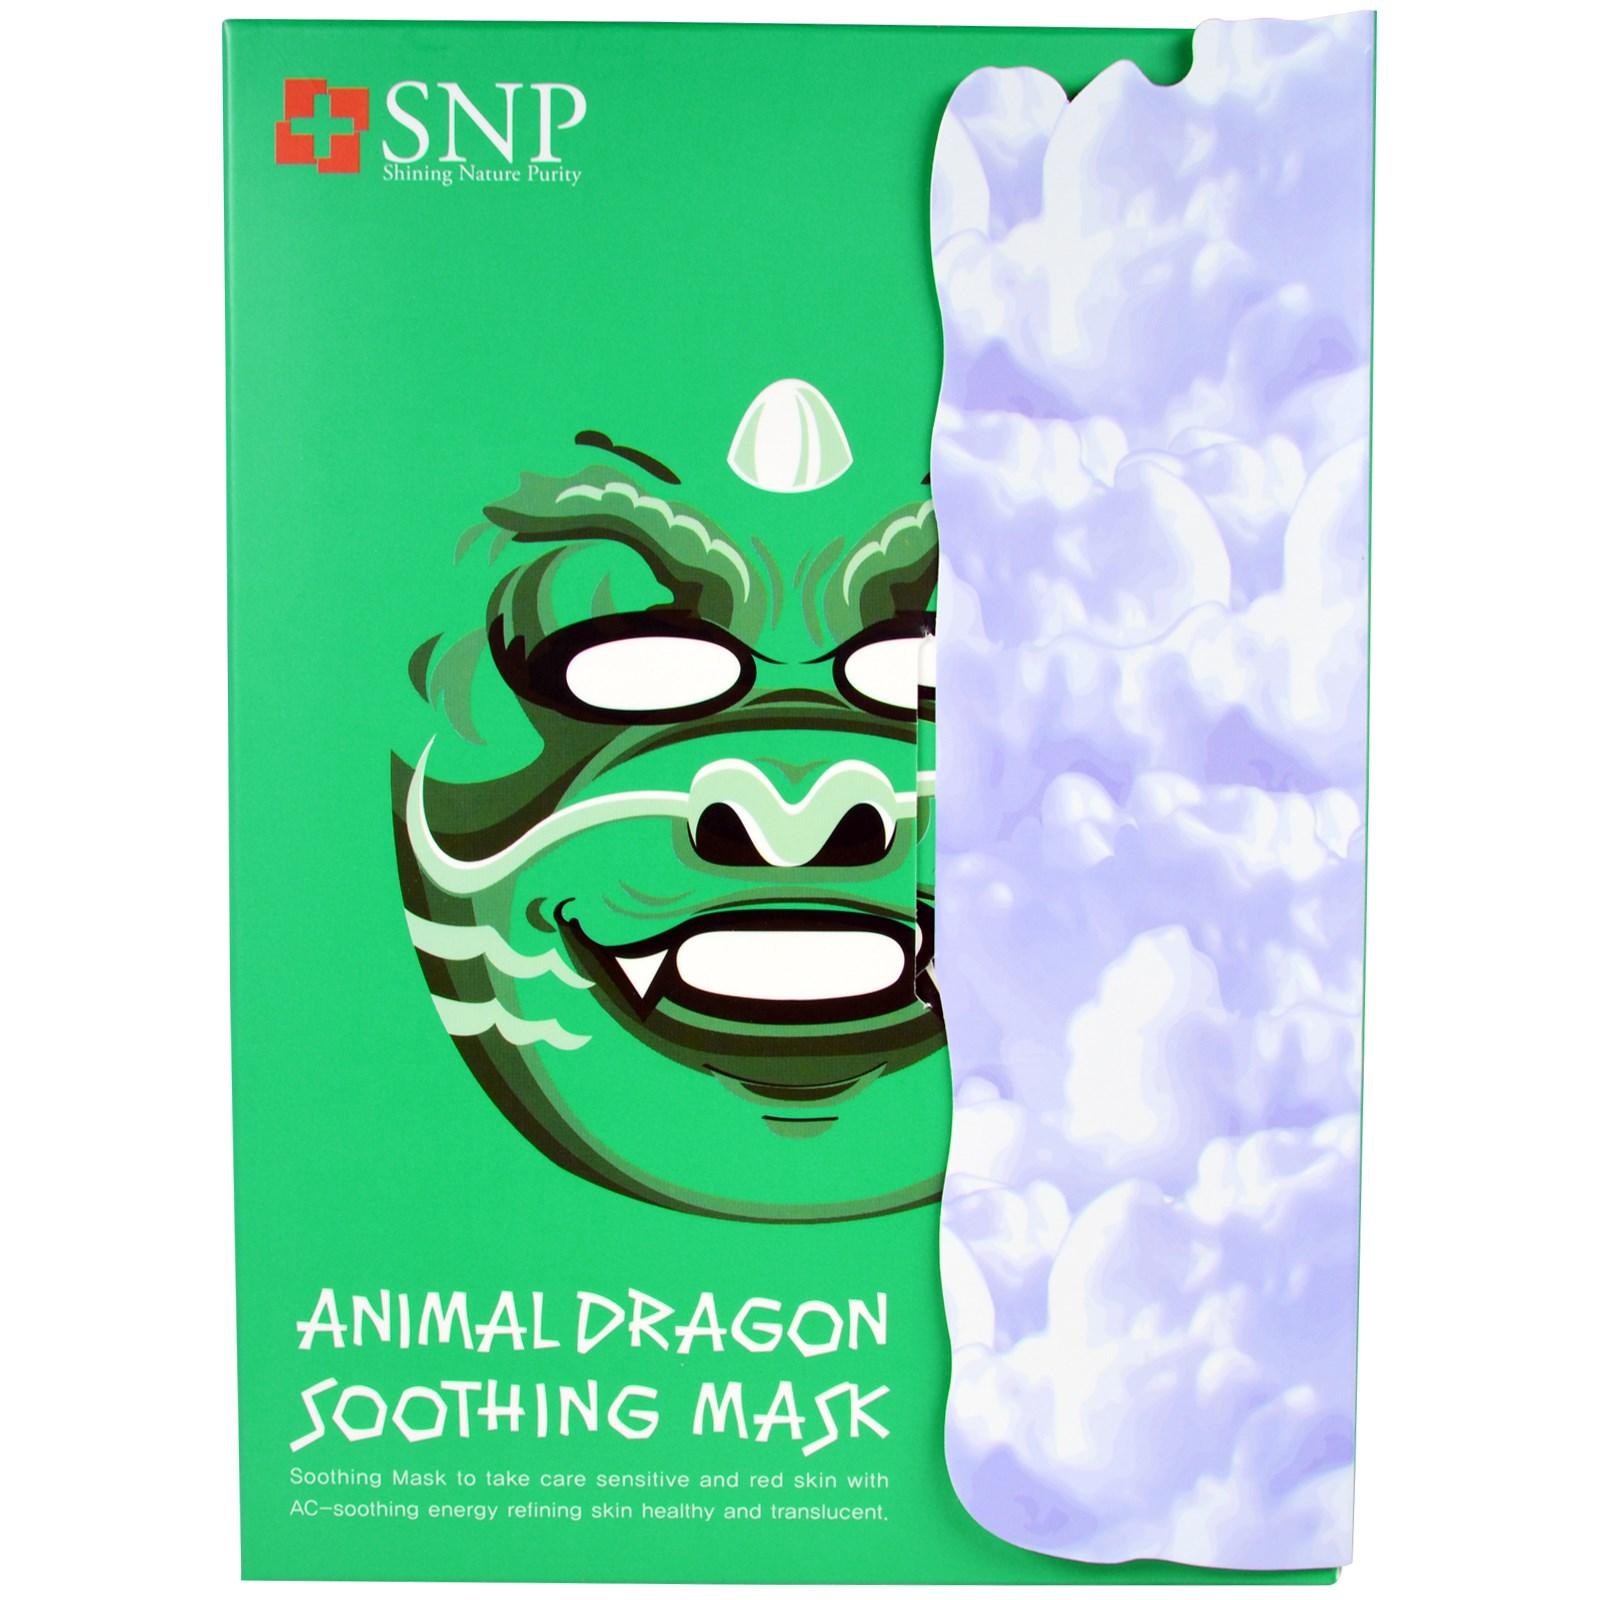 SNP, Успокаивающая маска «Животное дракон», 10 масок по 25 мл каждая